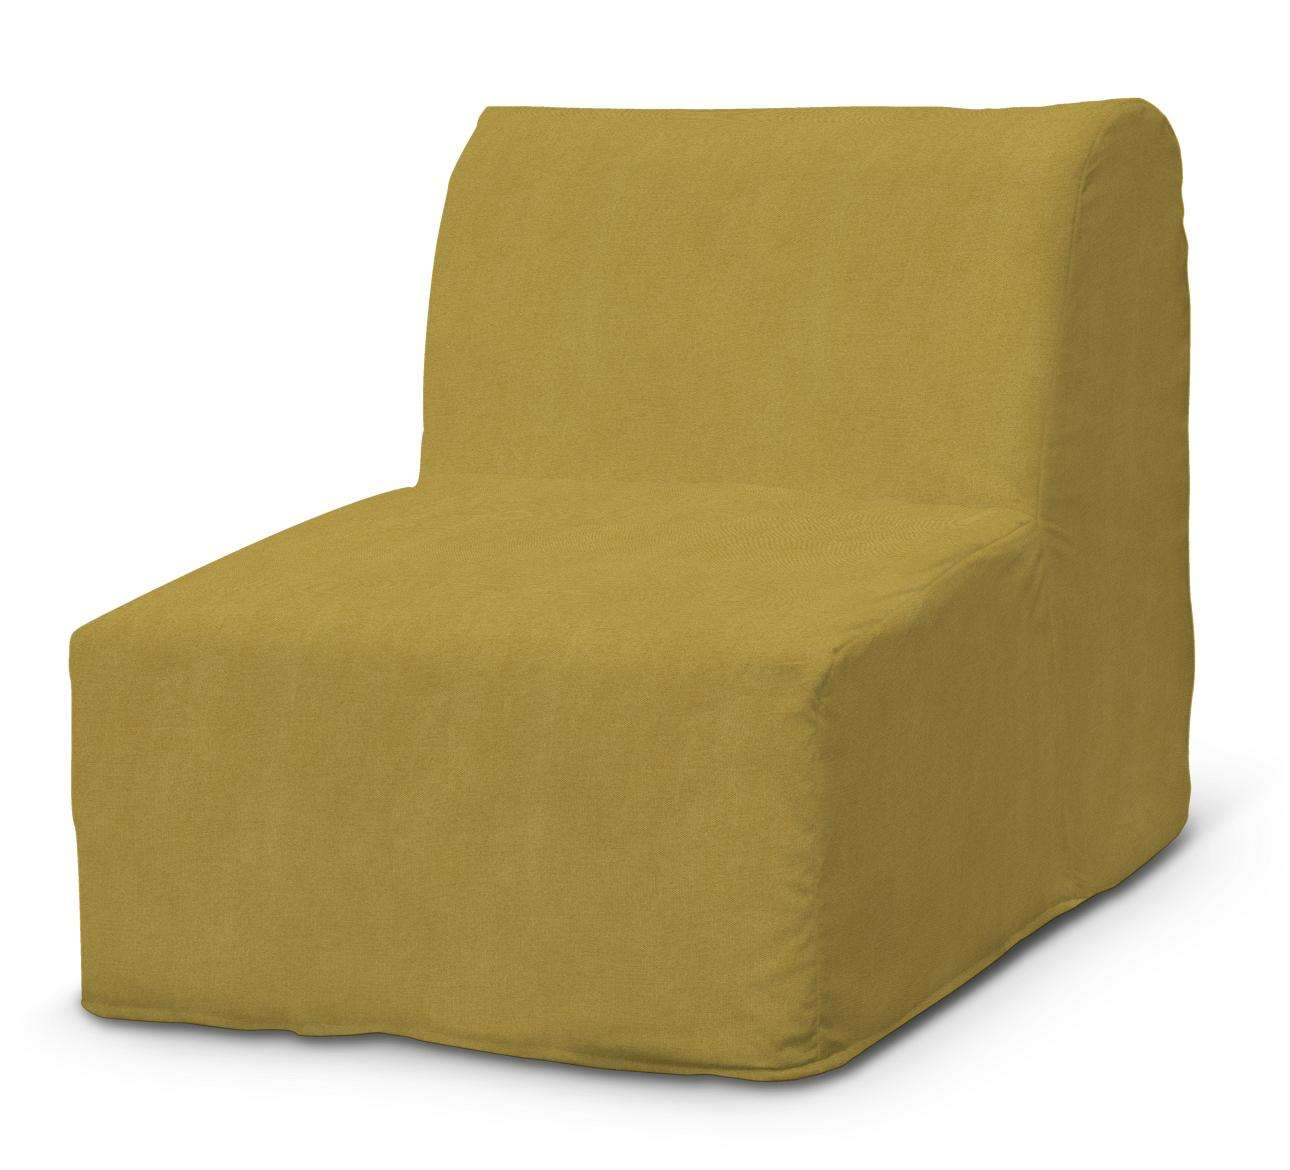 Lycksele Sesselbezug fotel Lycksele von der Kollektion Etna, Stoff: 705-04